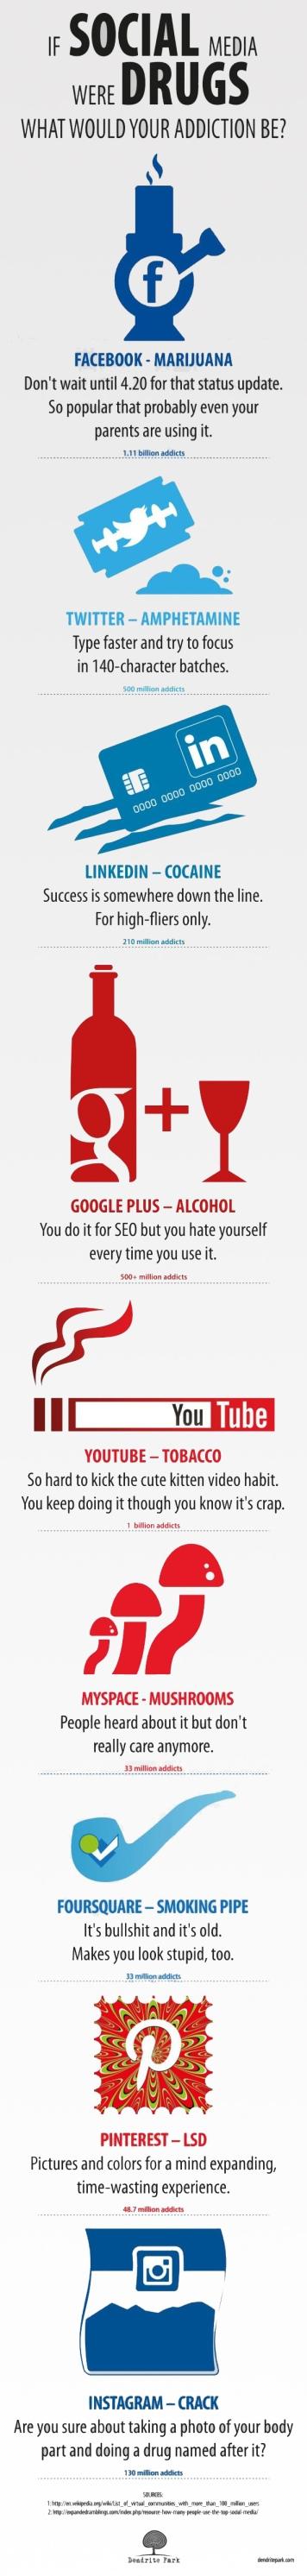 Redes sociales crean adicción